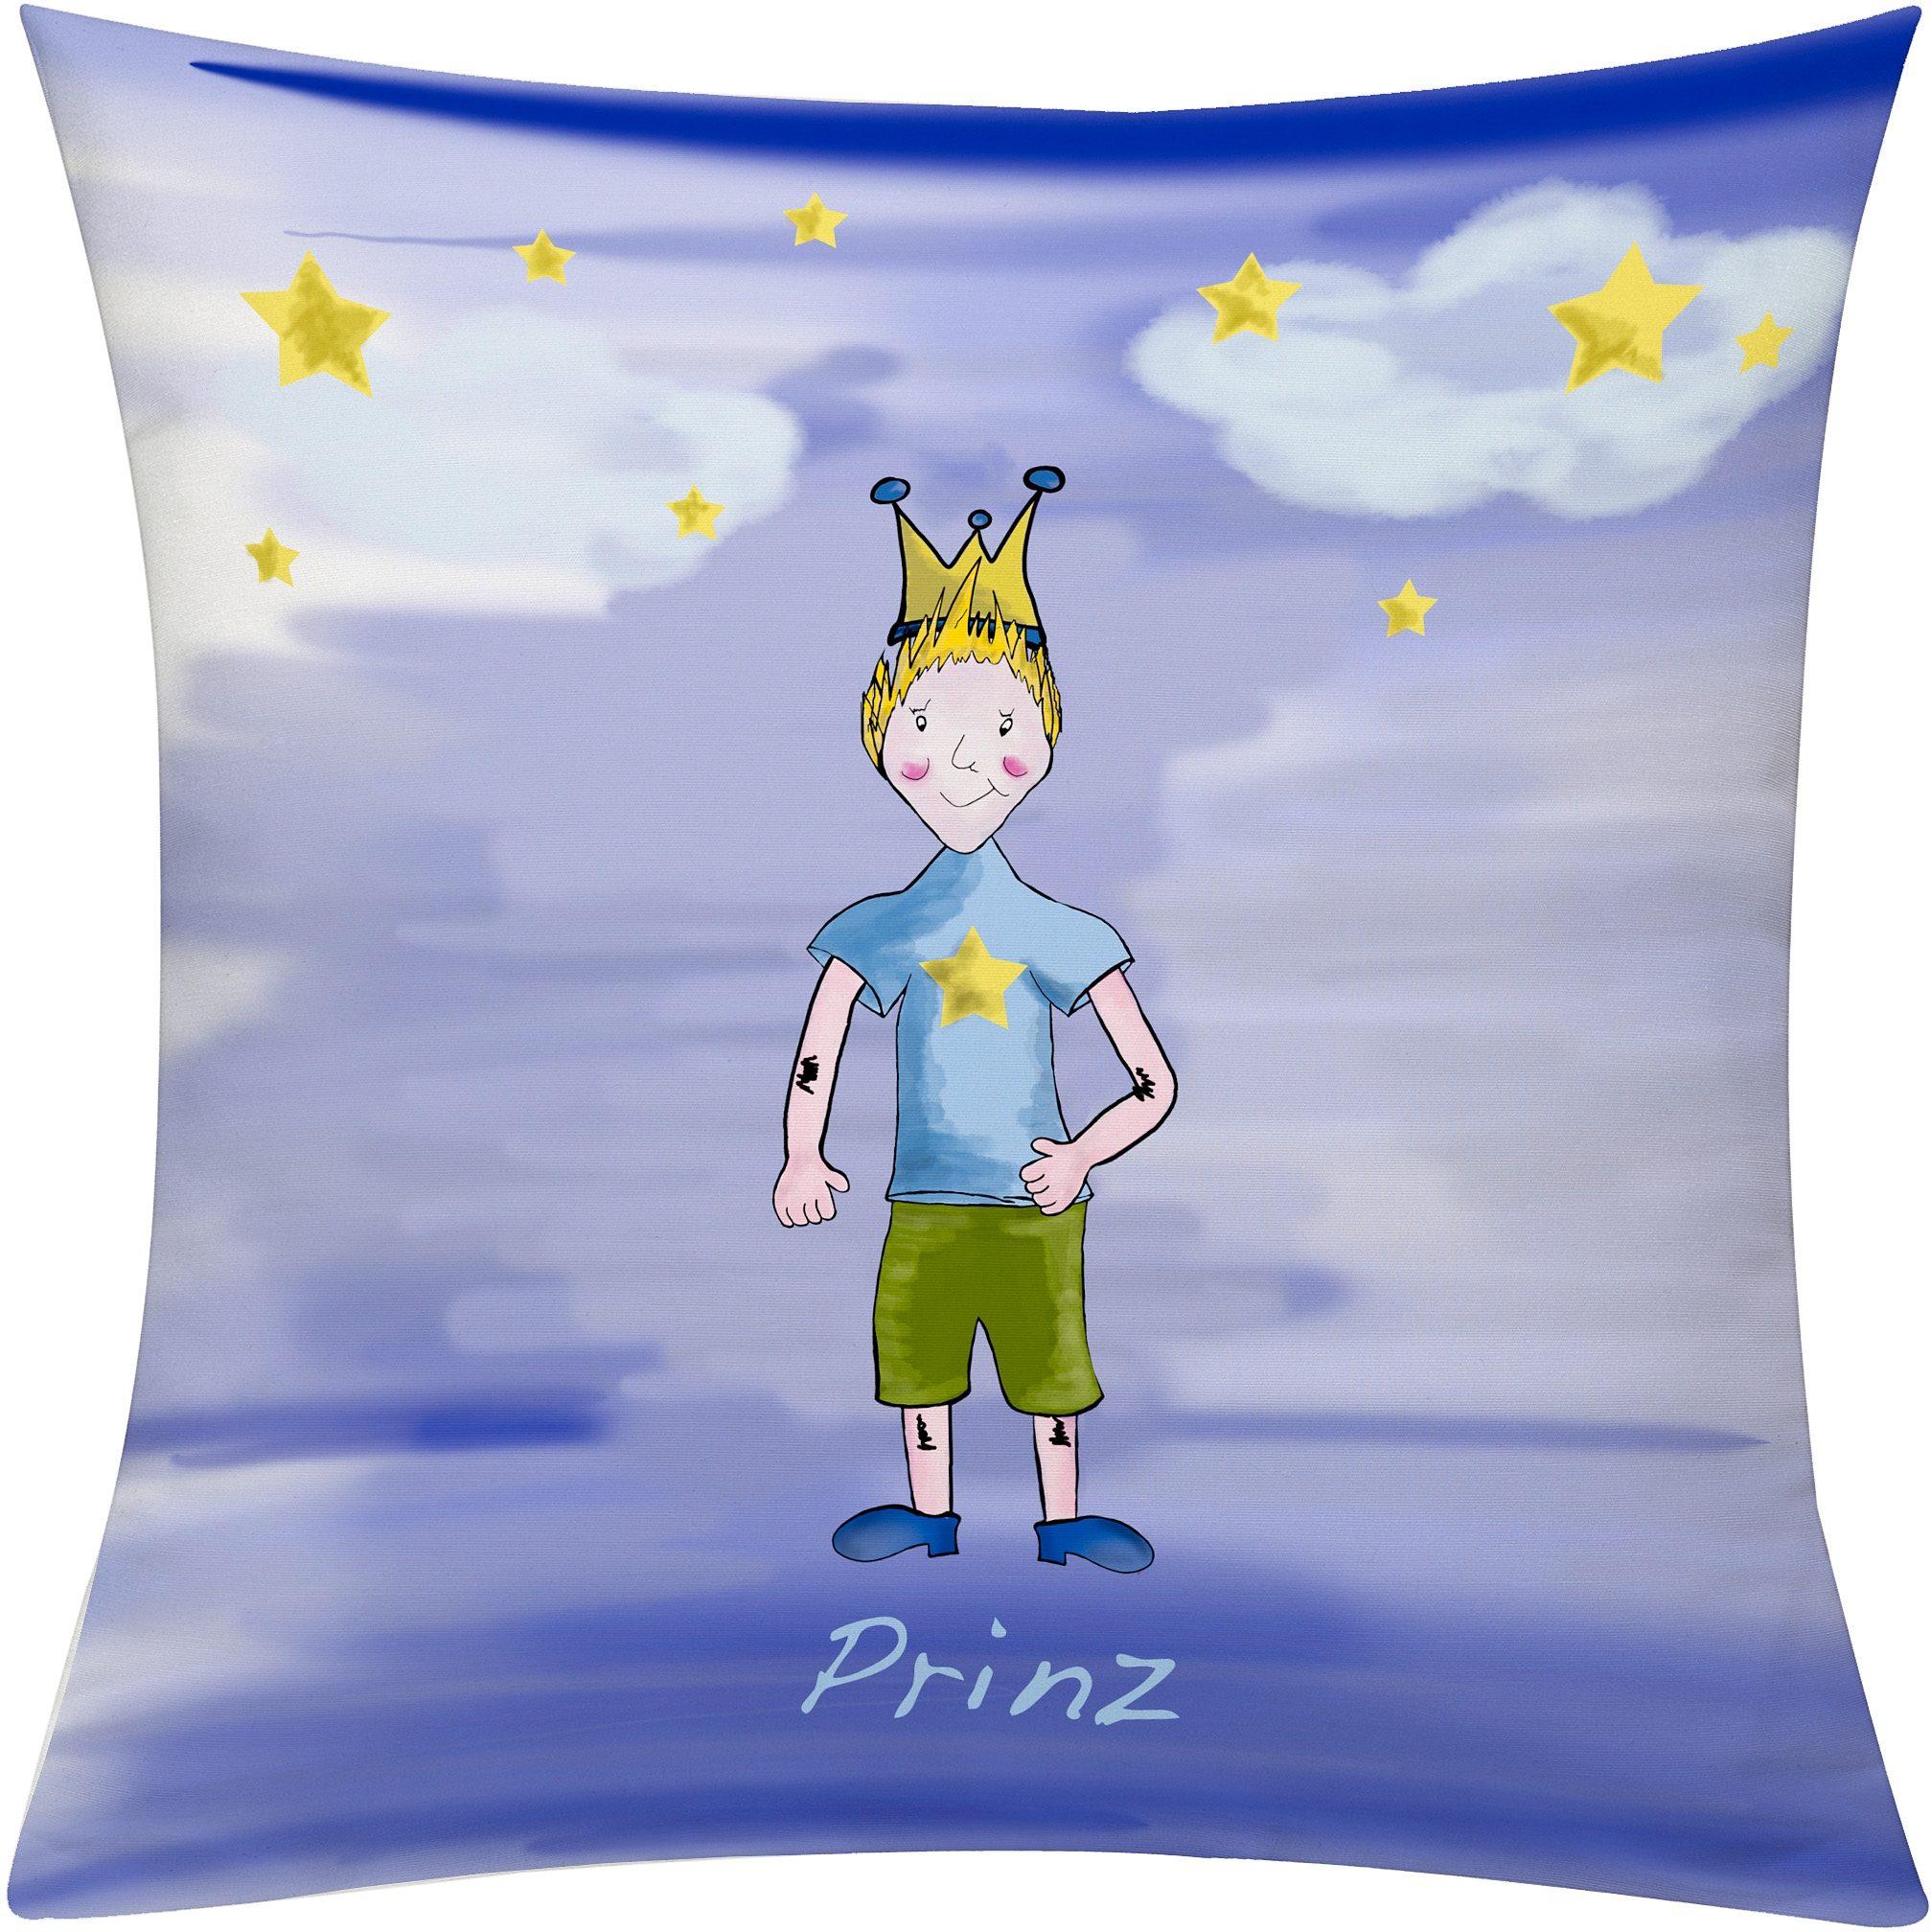 Kissenhülle, »Prinz Nacht«, emotion textiles   Heimtextilien > Bettwäsche und Laken > Kopfkissenbezüge   Blau   Polyester   EMOTIONTEXTILES